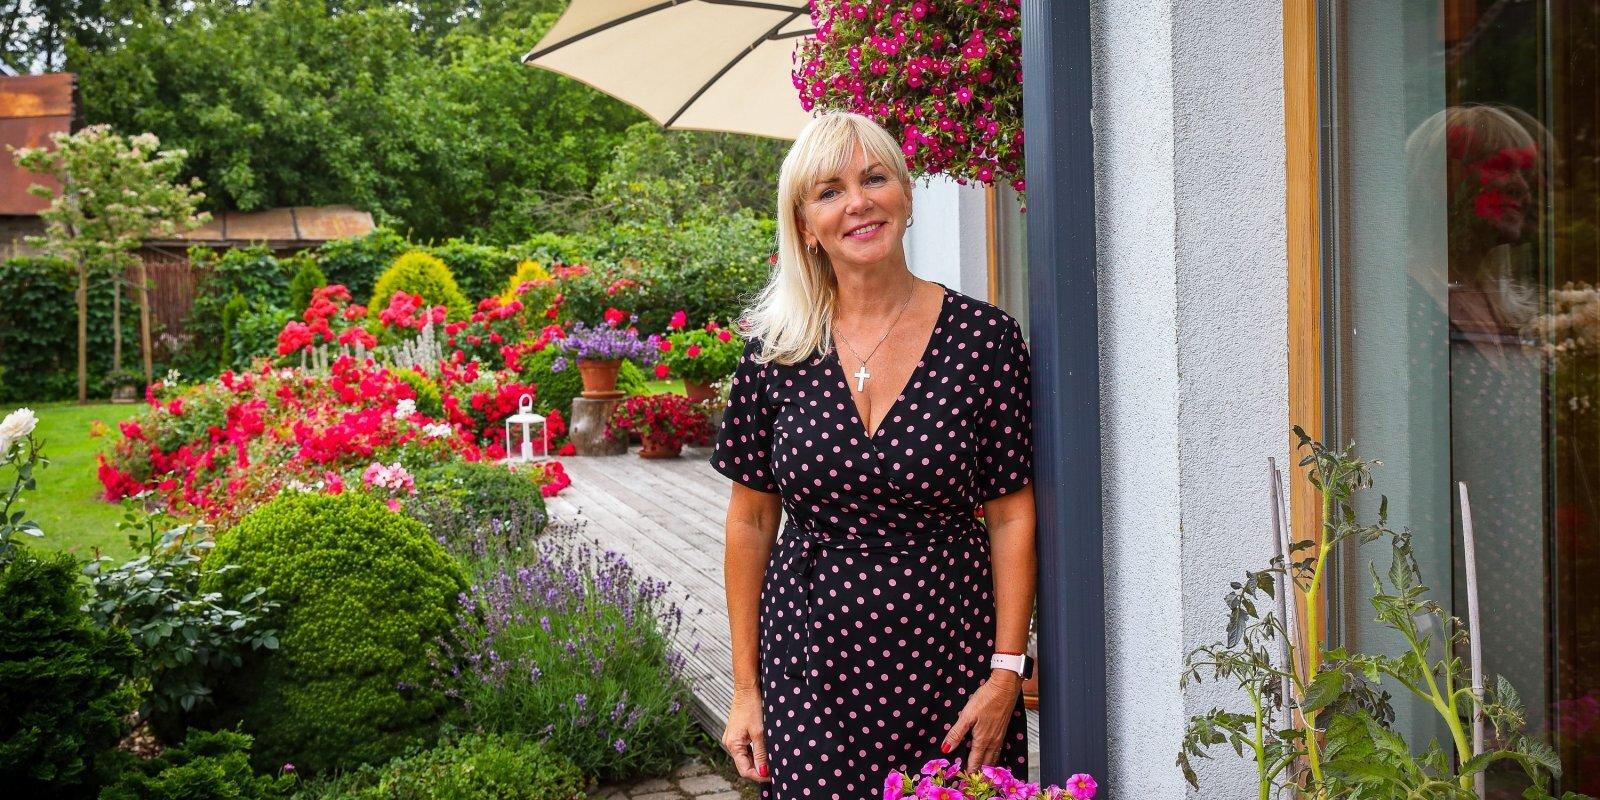 Ciemos: Siliņu 'dabas rezervāts' ar rozēm un sikspārņiem